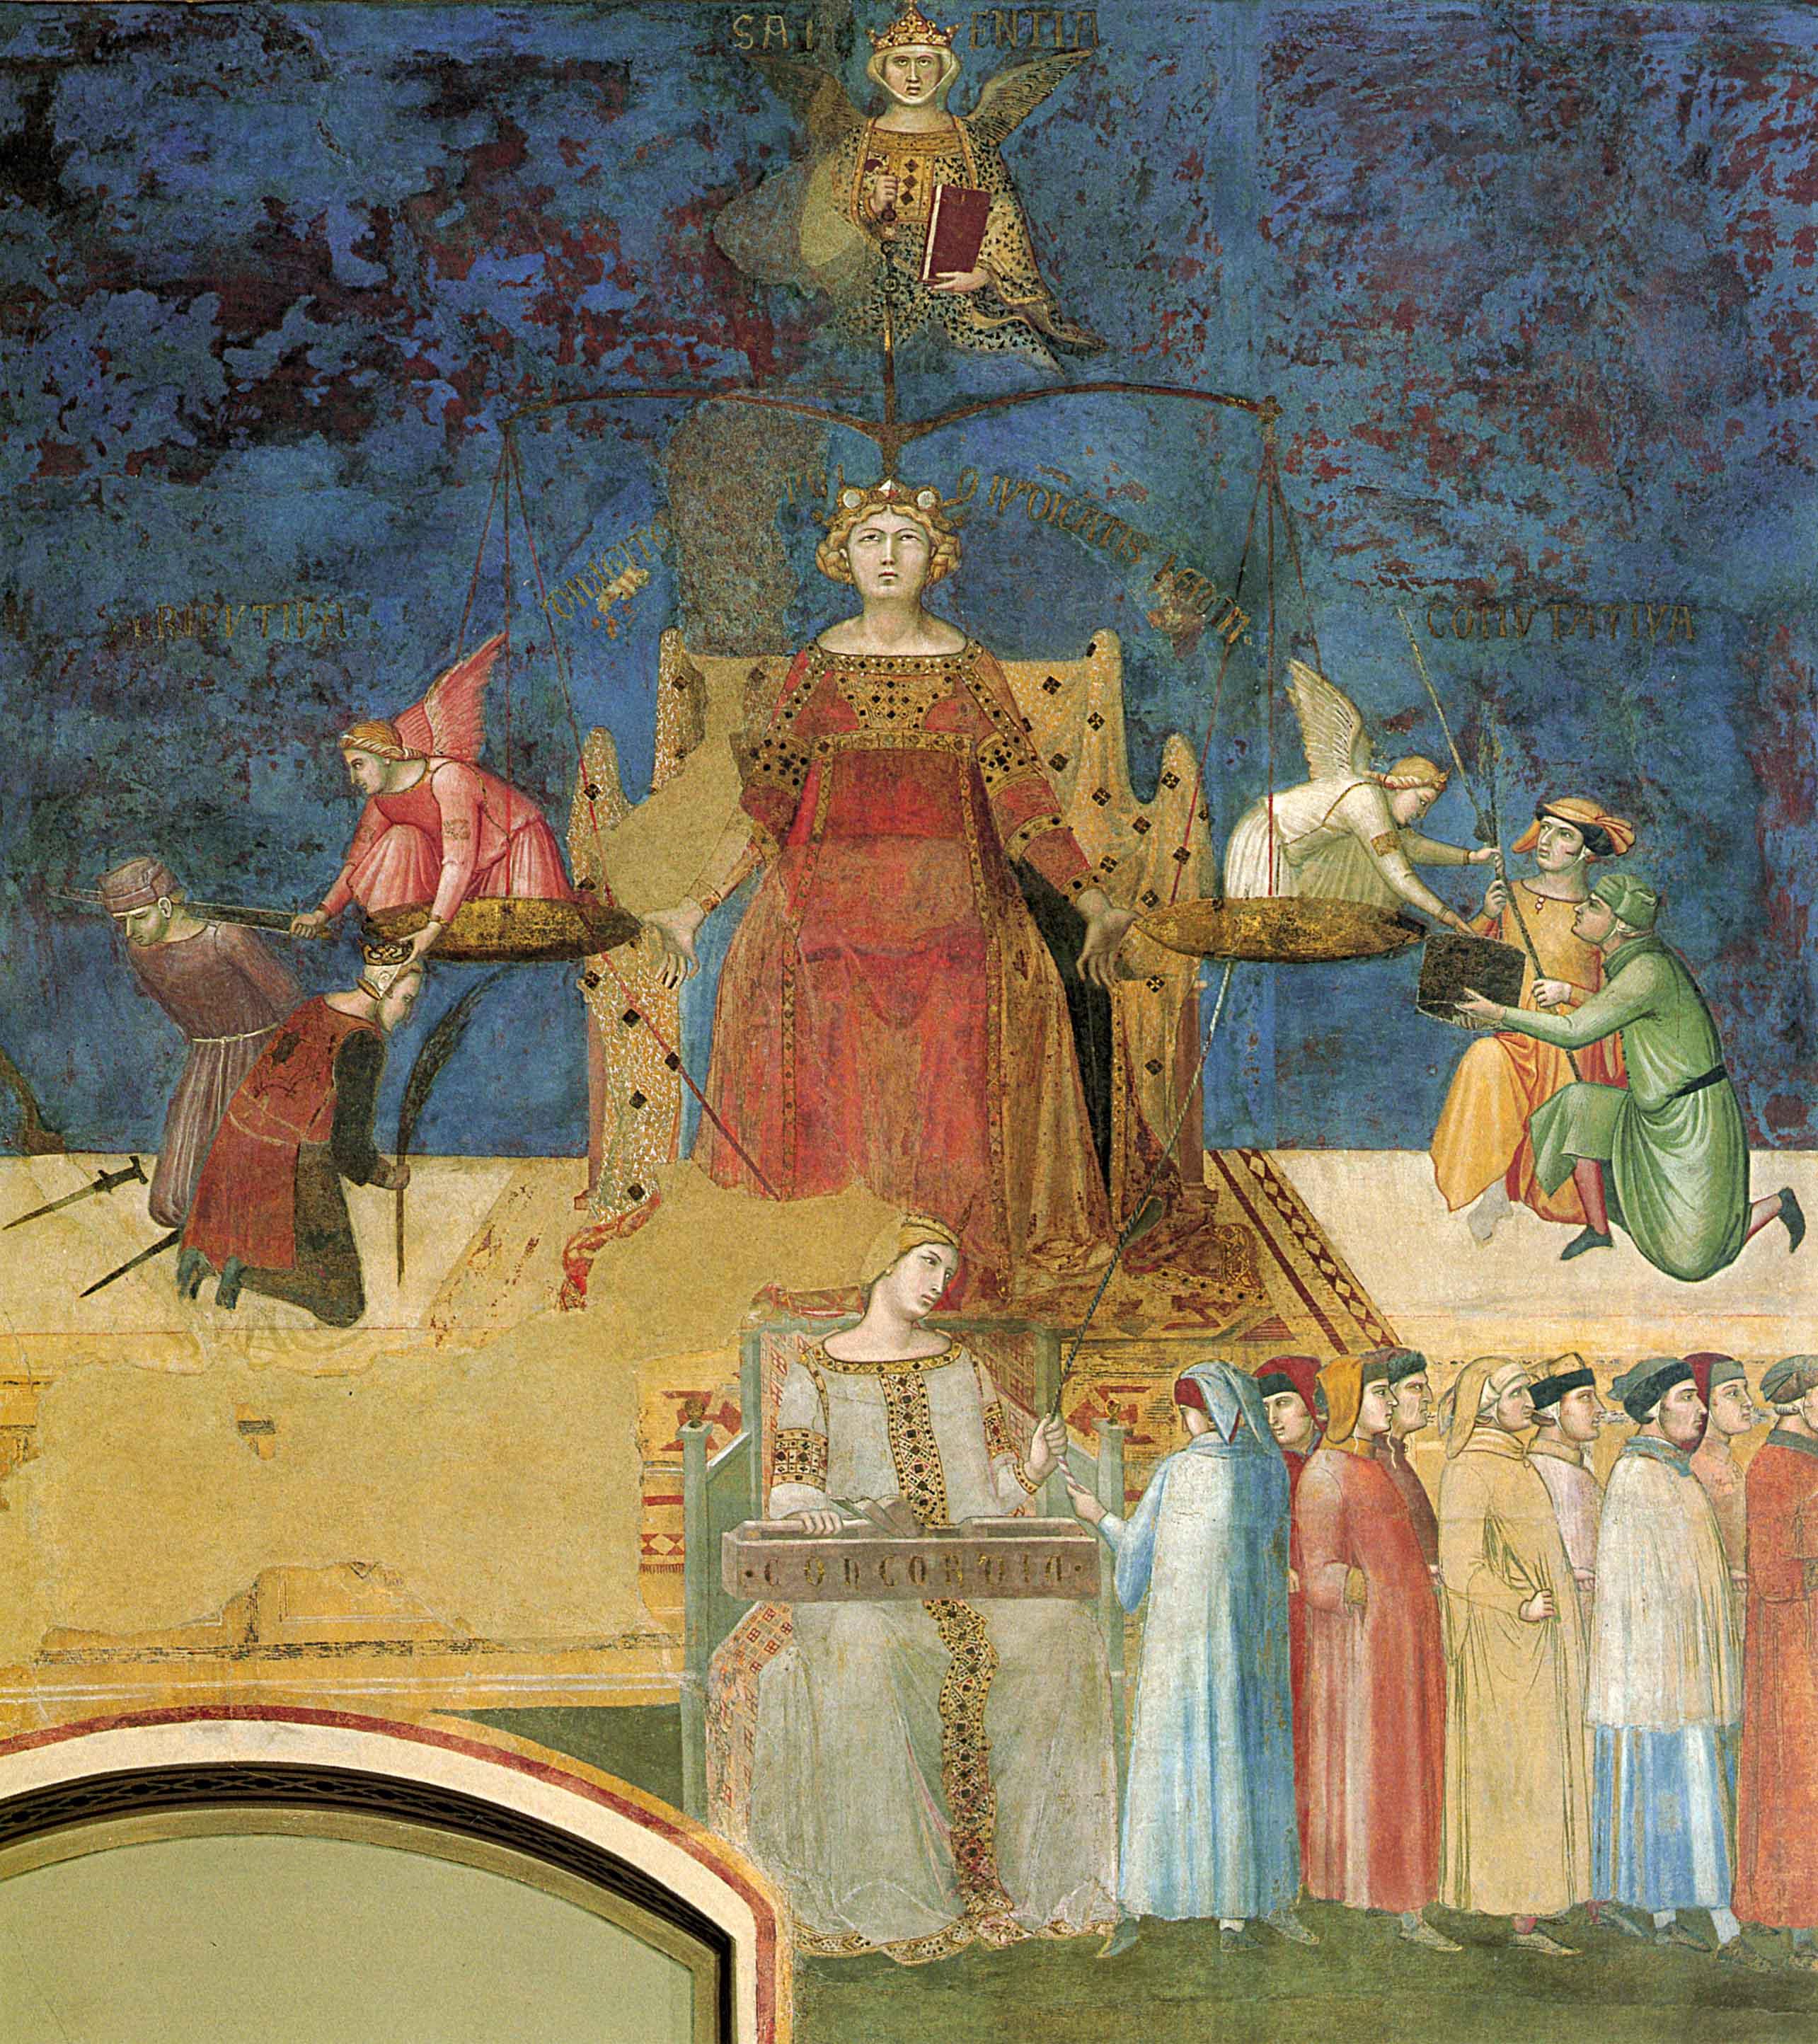 Ambrogio Lorenzetti- immagine della Giustizia nella Allegoria del Buon Governo. Sala della pace, Palazzo pubblico, Siena, 1338-39